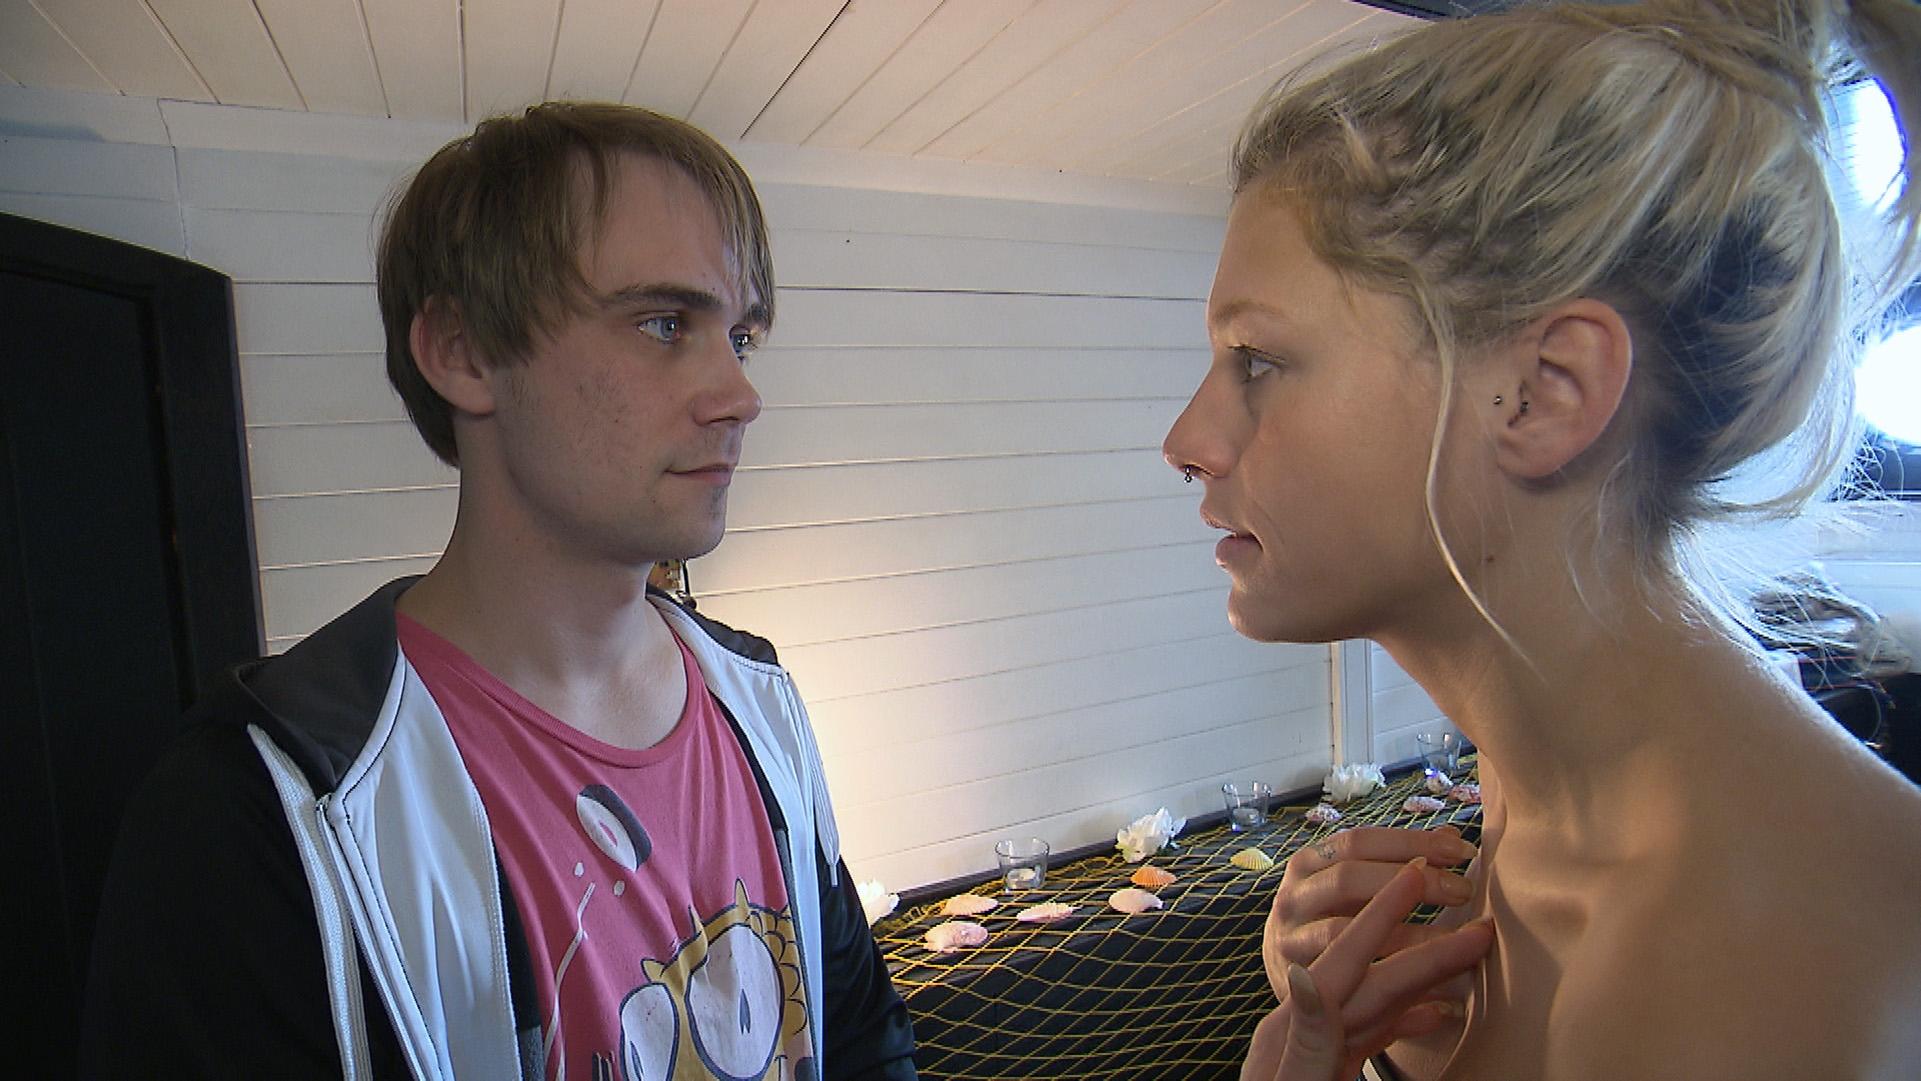 Schmidti gibt alle Hoffnung auf Kiara auf, als sie ihm vor dem Polterabend auf dem Hausboot erneut eine klare Abfuhr erteilt.